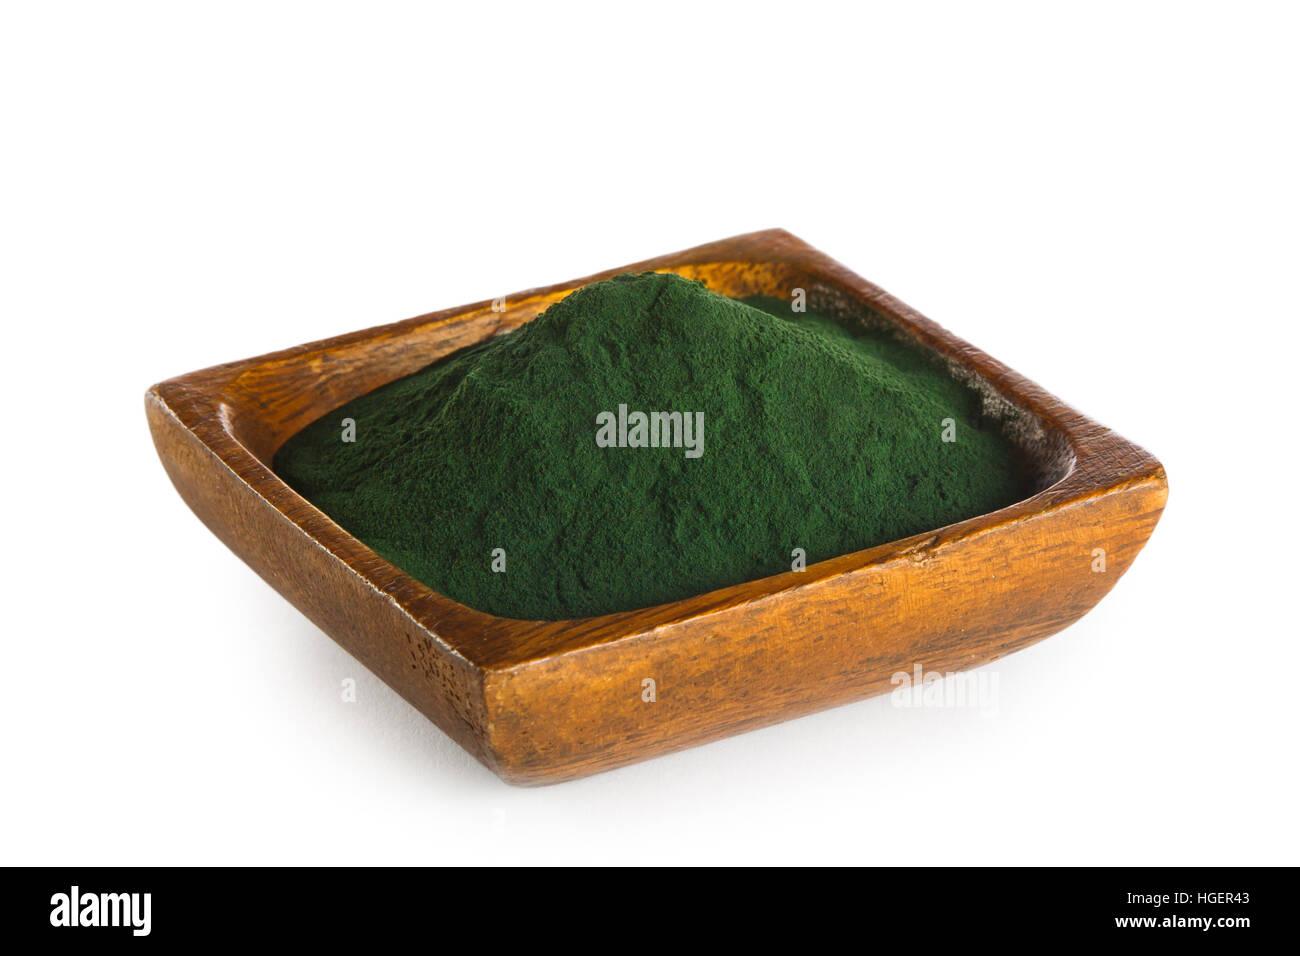 La Spirulina en polvo en el tazón de madera aislado sobre fondo blanco. Súper alimento Imagen De Stock